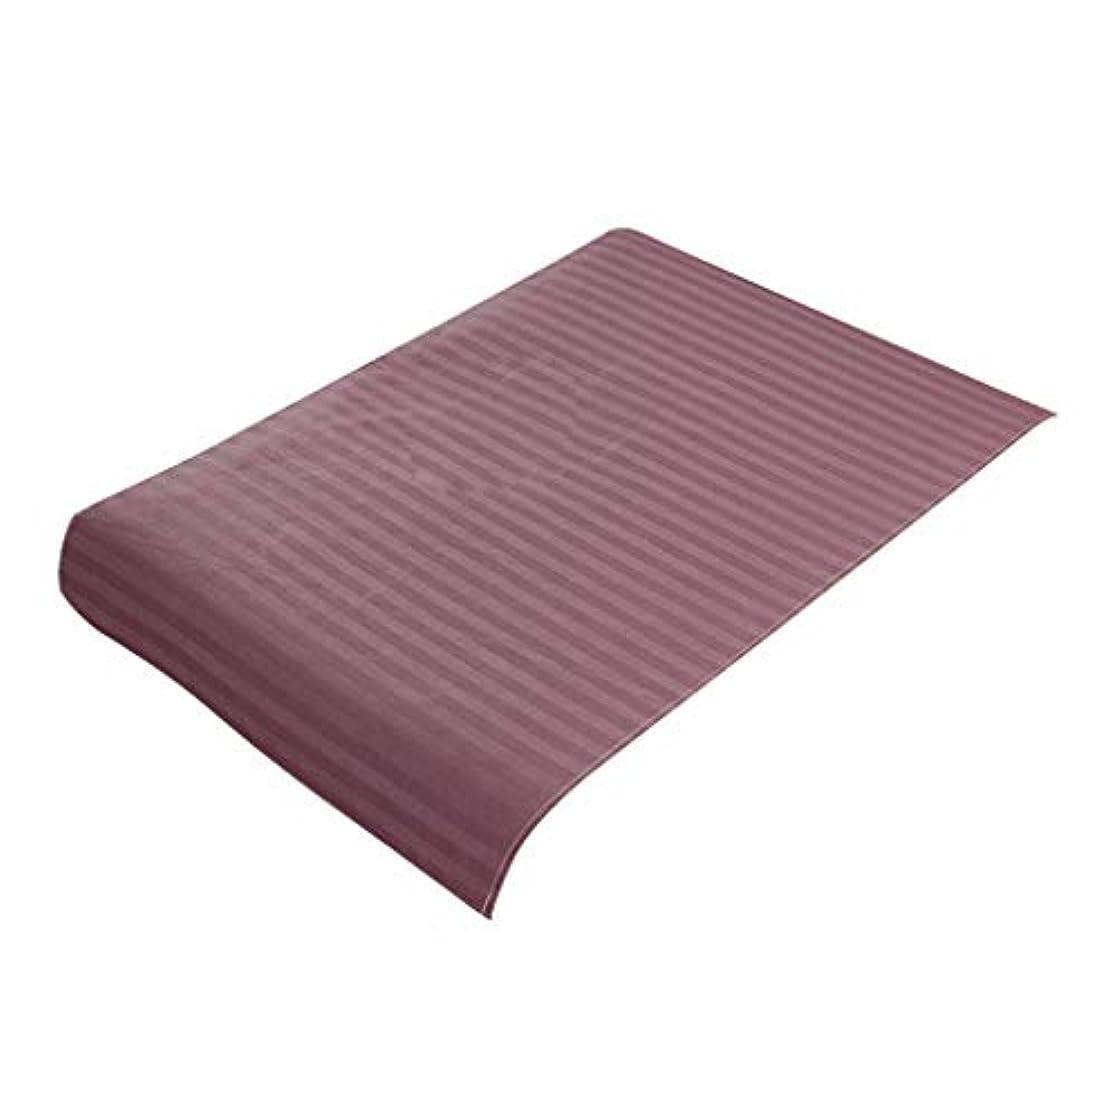 責め電話荷物P Prettyia スパ マッサージベッドカバー 美容ベッドカバー 綿製 断面 マッサージテーブルスカート 60x90cm - 紫